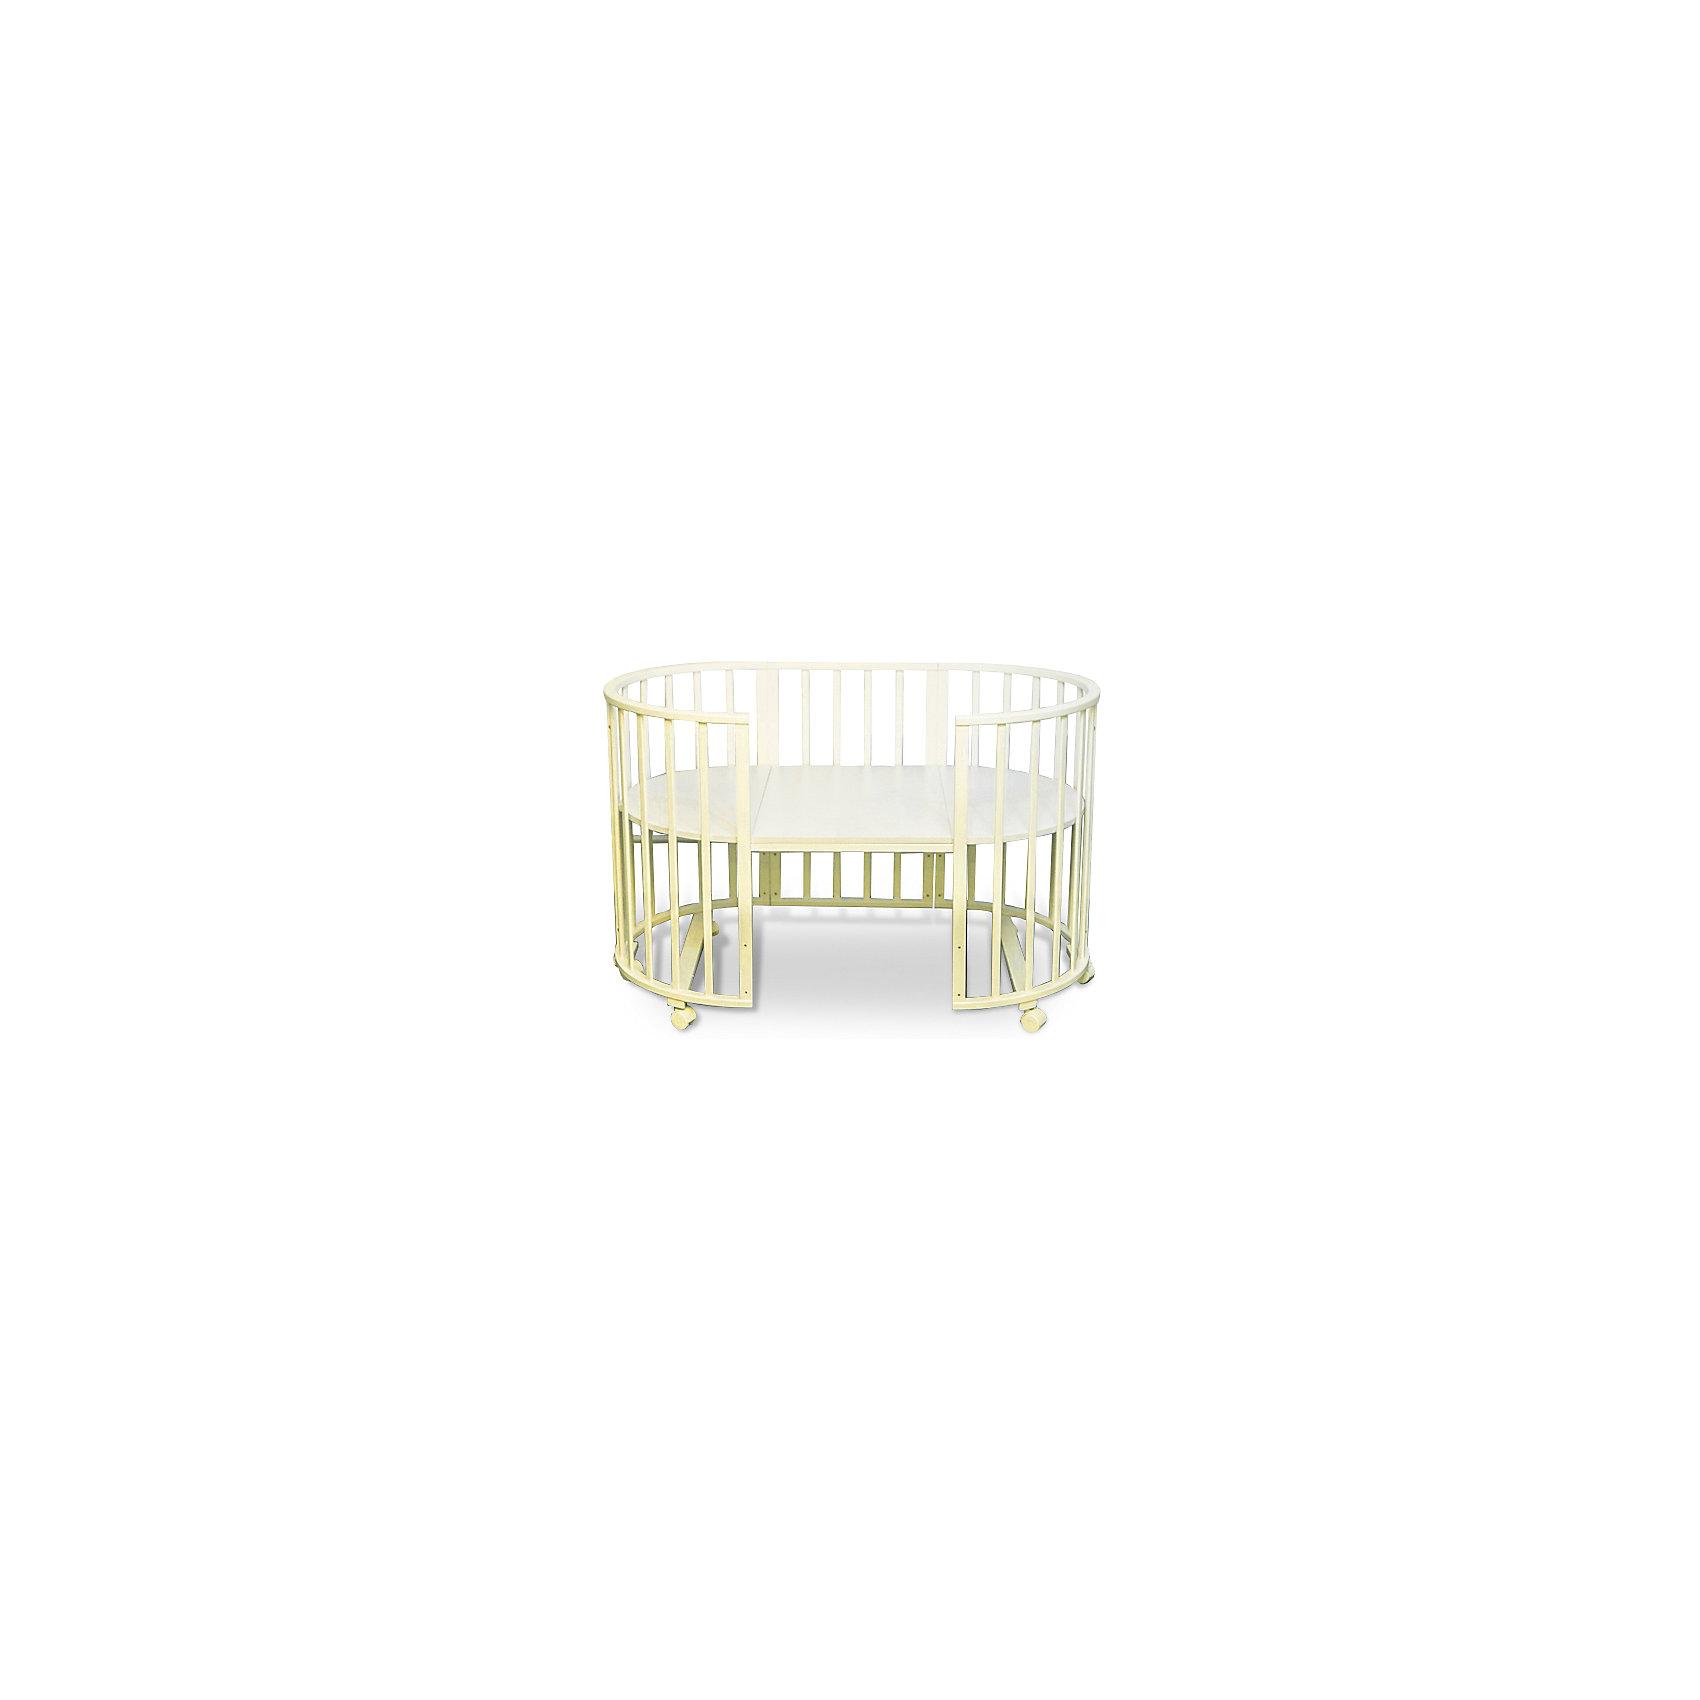 Кроватка-трансформер Sweet Baby Delizia Avorio без маятника, слоновая костьКроватки<br>Характеристики товара:<br><br>• цвет: слоновая кость<br>• материал: дерево (береза)<br>• тип: трансформер 6 в 1<br>• съёмные колеса<br>• размер спального места: 120х60 см<br>• 2 уровня ложа<br>• размер (ШхДхВ): 75х125х85 см<br><br>Кроватка-трансформер Delizia будет расти сместе с малышом. Кроватка не имеет острых углов.<br><br>Два уровня ложа позволяют менять глубину кроватки по мере роста малыша, опускаемая планка поможет без труда дотянуться до малыша в кроватке.<br><br>Расстояние между рейками не дает возможность ребенку застрять между ними во время сна.<br><br>Кроватки для новорожденных SweetBaby обрабатываются нетоксичными лаками и красками, абсолютно безвредными для ребенка.<br><br>Варианты сборки:<br>• Круглая люлька (спальное место: диаметр 75см)<br>• Высота от пола до верхнего края - 85 см<br>• Овальная детская кровать (спальное место: 125х75см)<br>• Овальный диван.<br>• Манеж круглый или овальный.<br>• Стул и столик.<br><br>Кроватку-трансформер Delizia Avorio, Sweet Baby можно купить в нашем интернет-магазине.<br><br>Ширина мм: 600<br>Глубина мм: 350<br>Высота мм: 800<br>Вес г: 23100<br>Возраст от месяцев: 0<br>Возраст до месяцев: 36<br>Пол: Унисекс<br>Возраст: Детский<br>SKU: 5583553